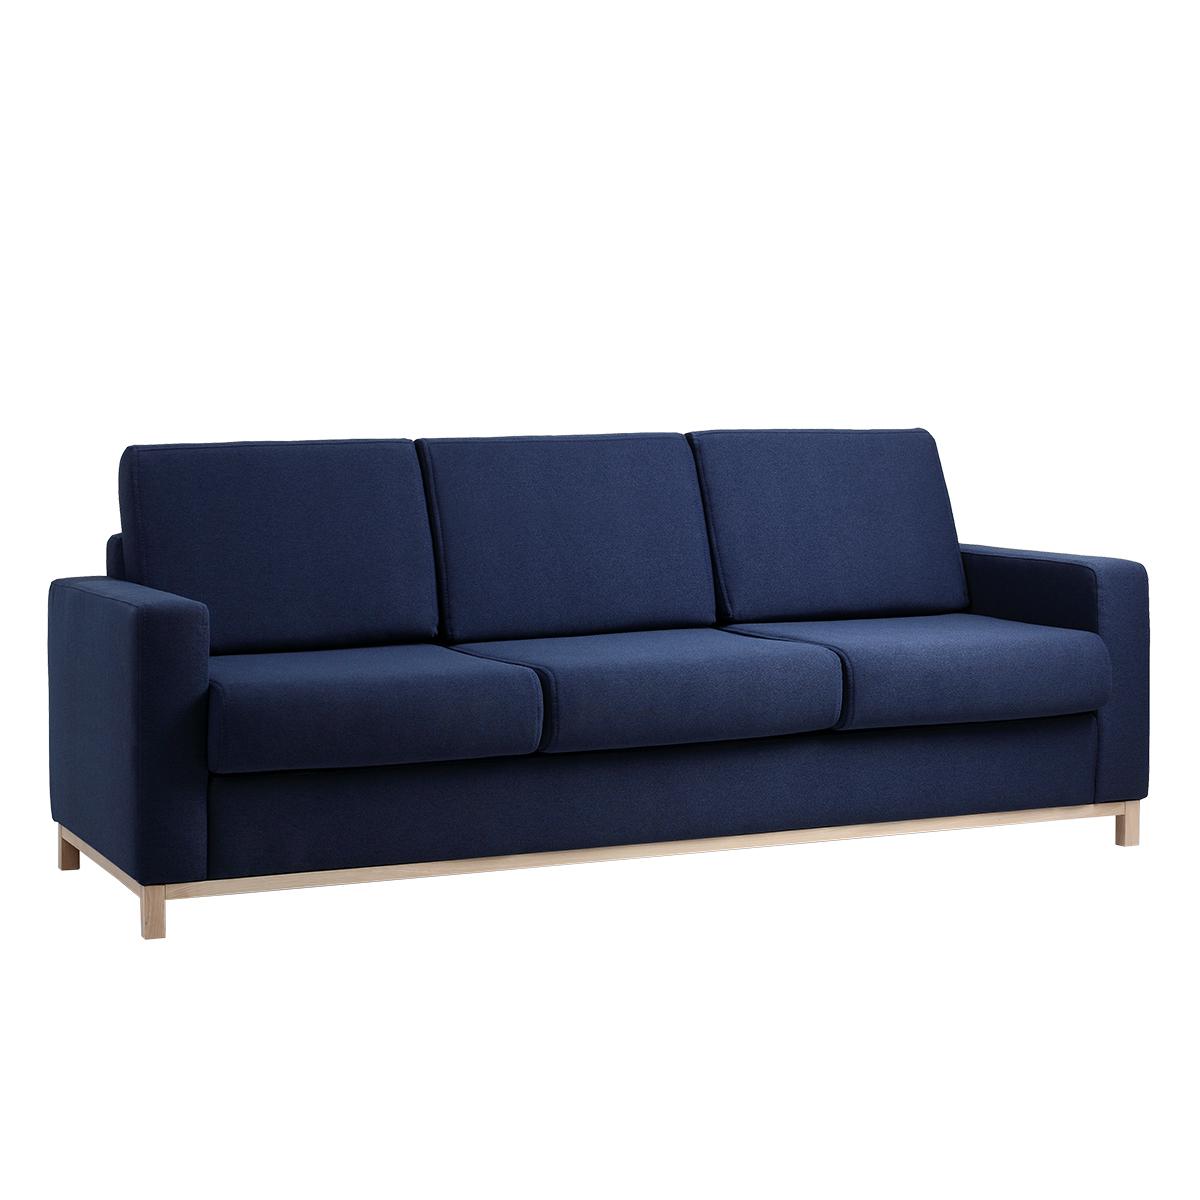 Divano Letto Blu.Divano Letto Scandic 3 Posti Blu By Customform Amf Mobili Di Design